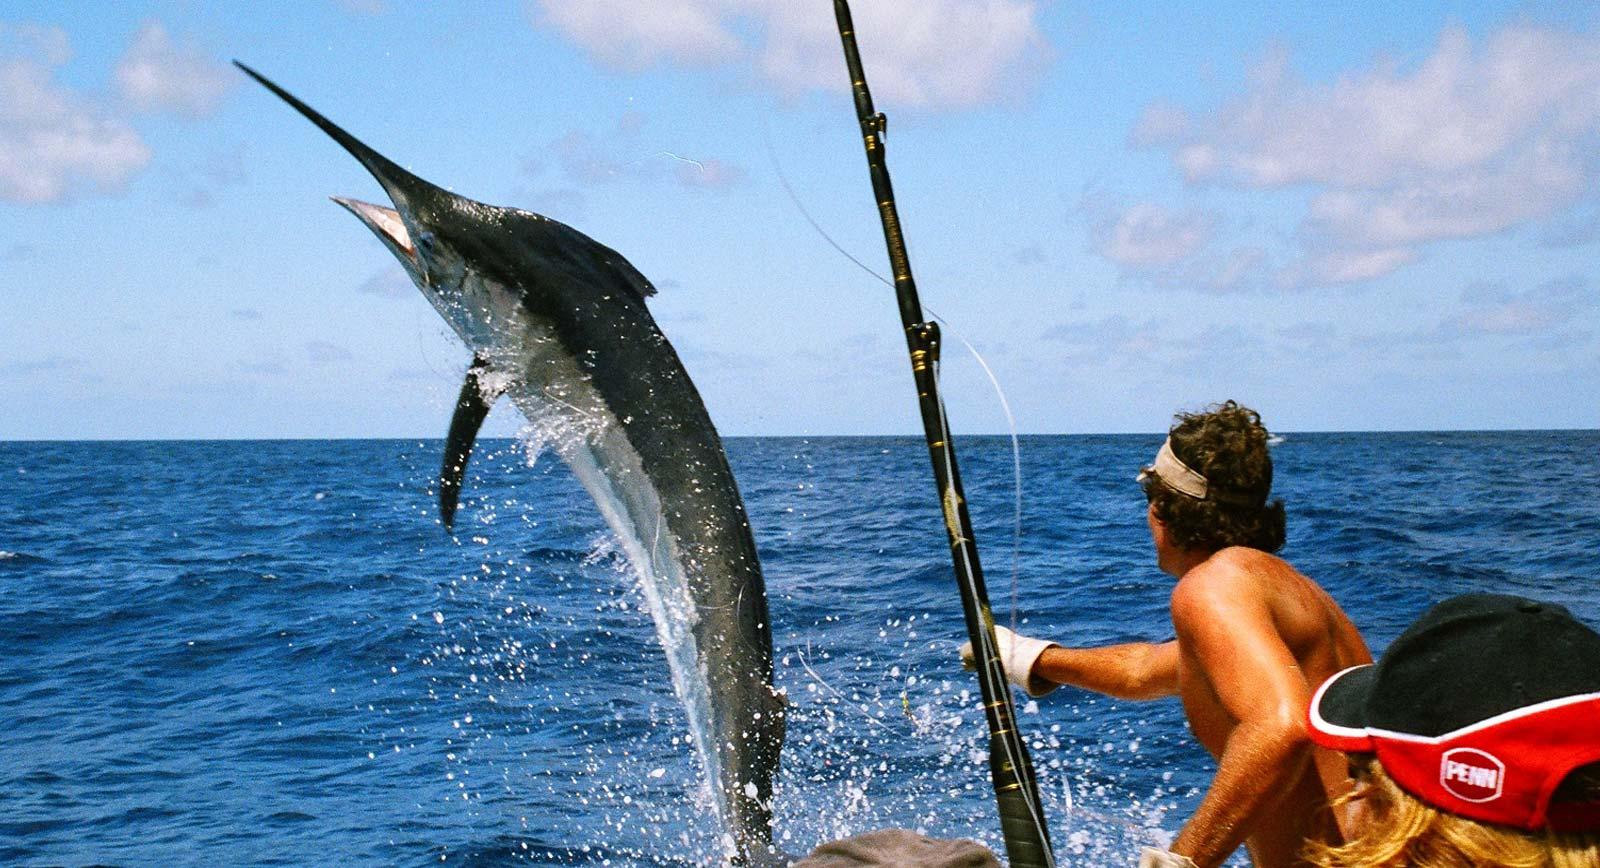 Câu cá ở Maldives mùa nào thích hợp nhất ?